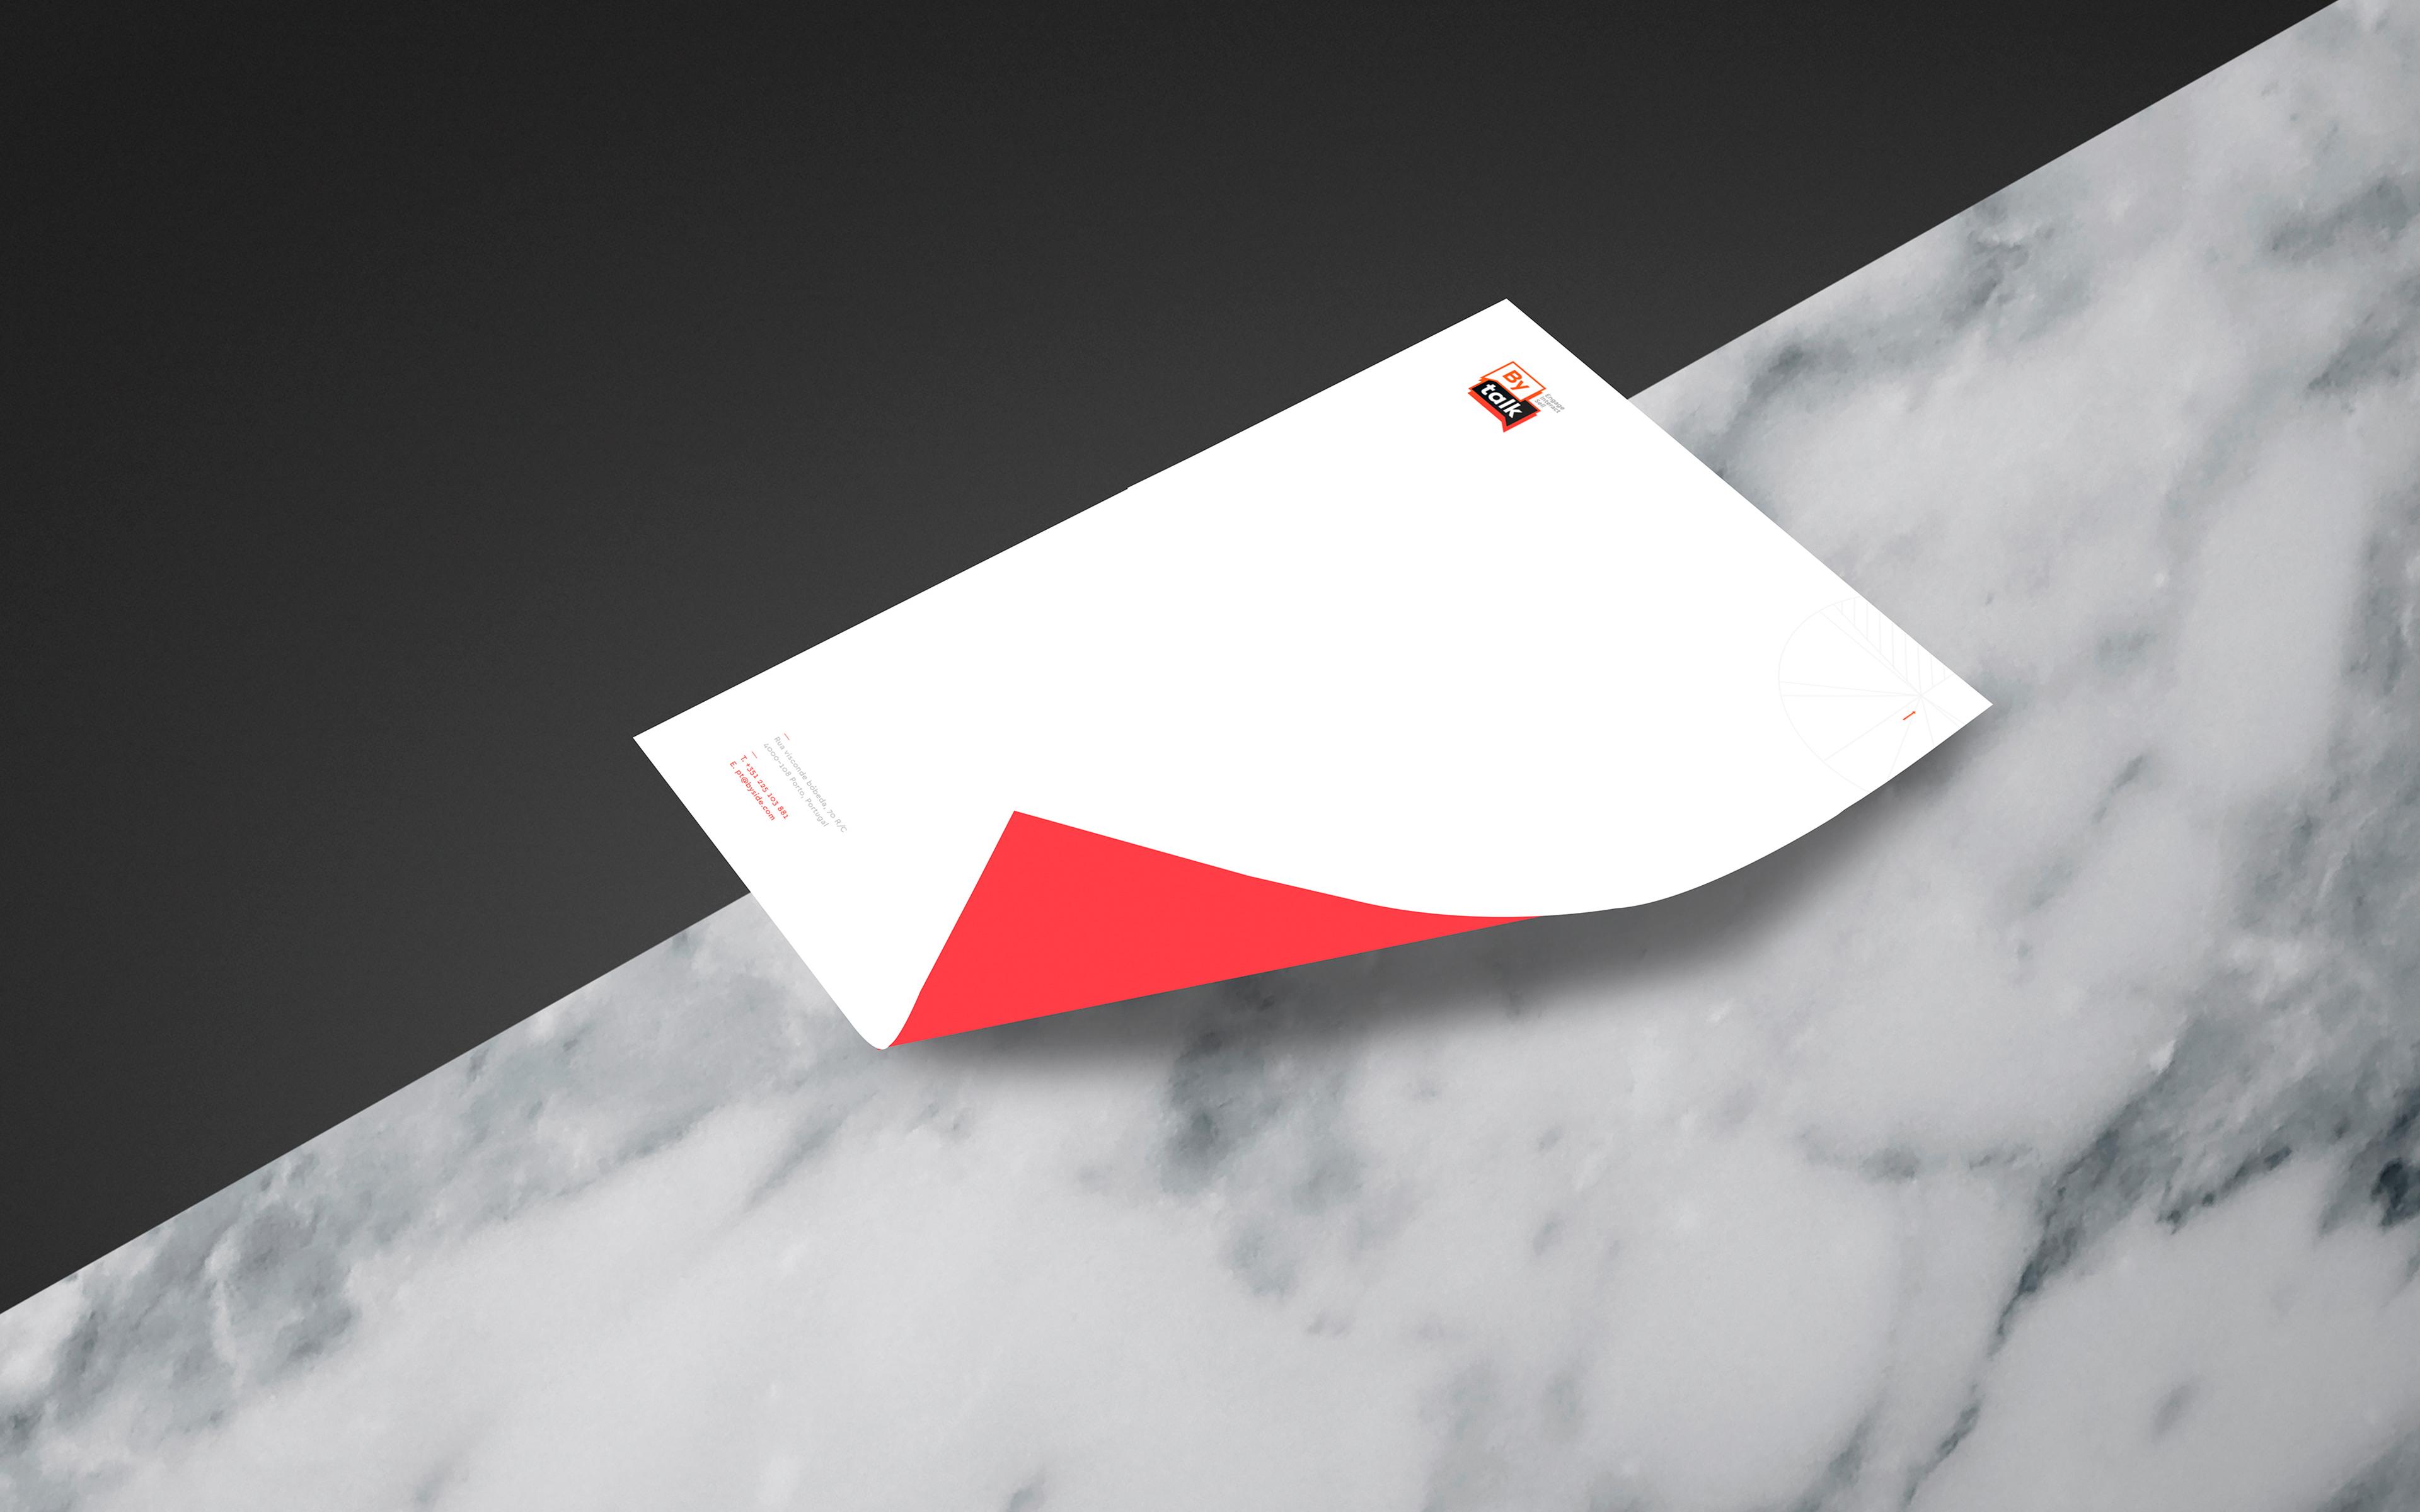 Papel cartão Bytalk. Imagem do design do papel cartão da marca Bytalk.